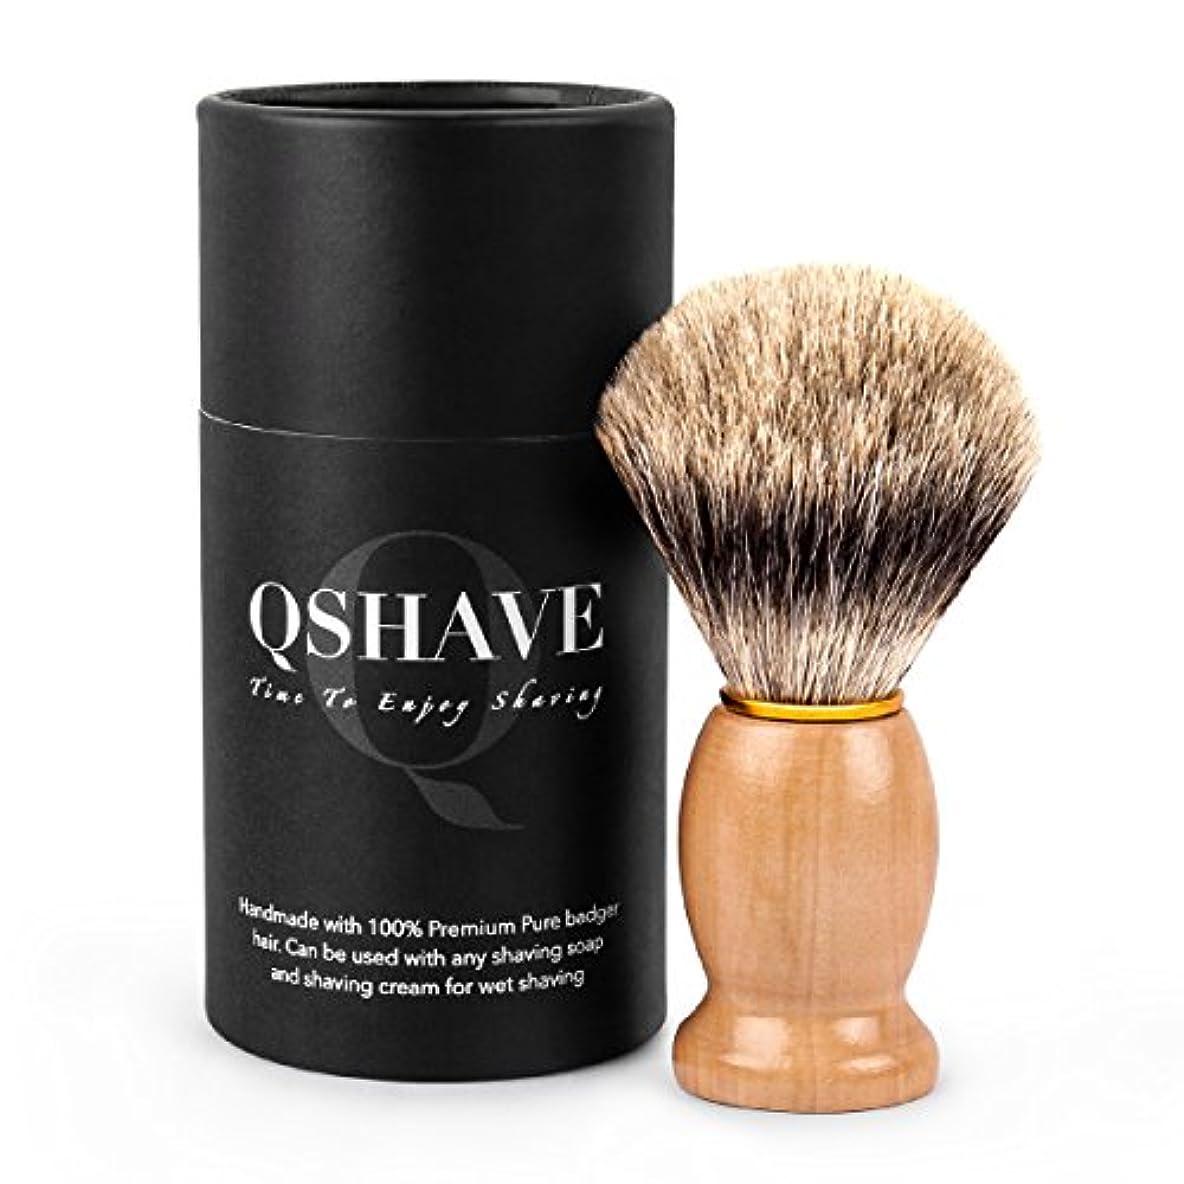 抹消家主冷蔵するQSHAVE 100%最高級アナグマ毛オリジナルハンドメイドシェービングブラシ。木製ベース。ウェットシェービング、安全カミソリ、両刃カミソリに最適